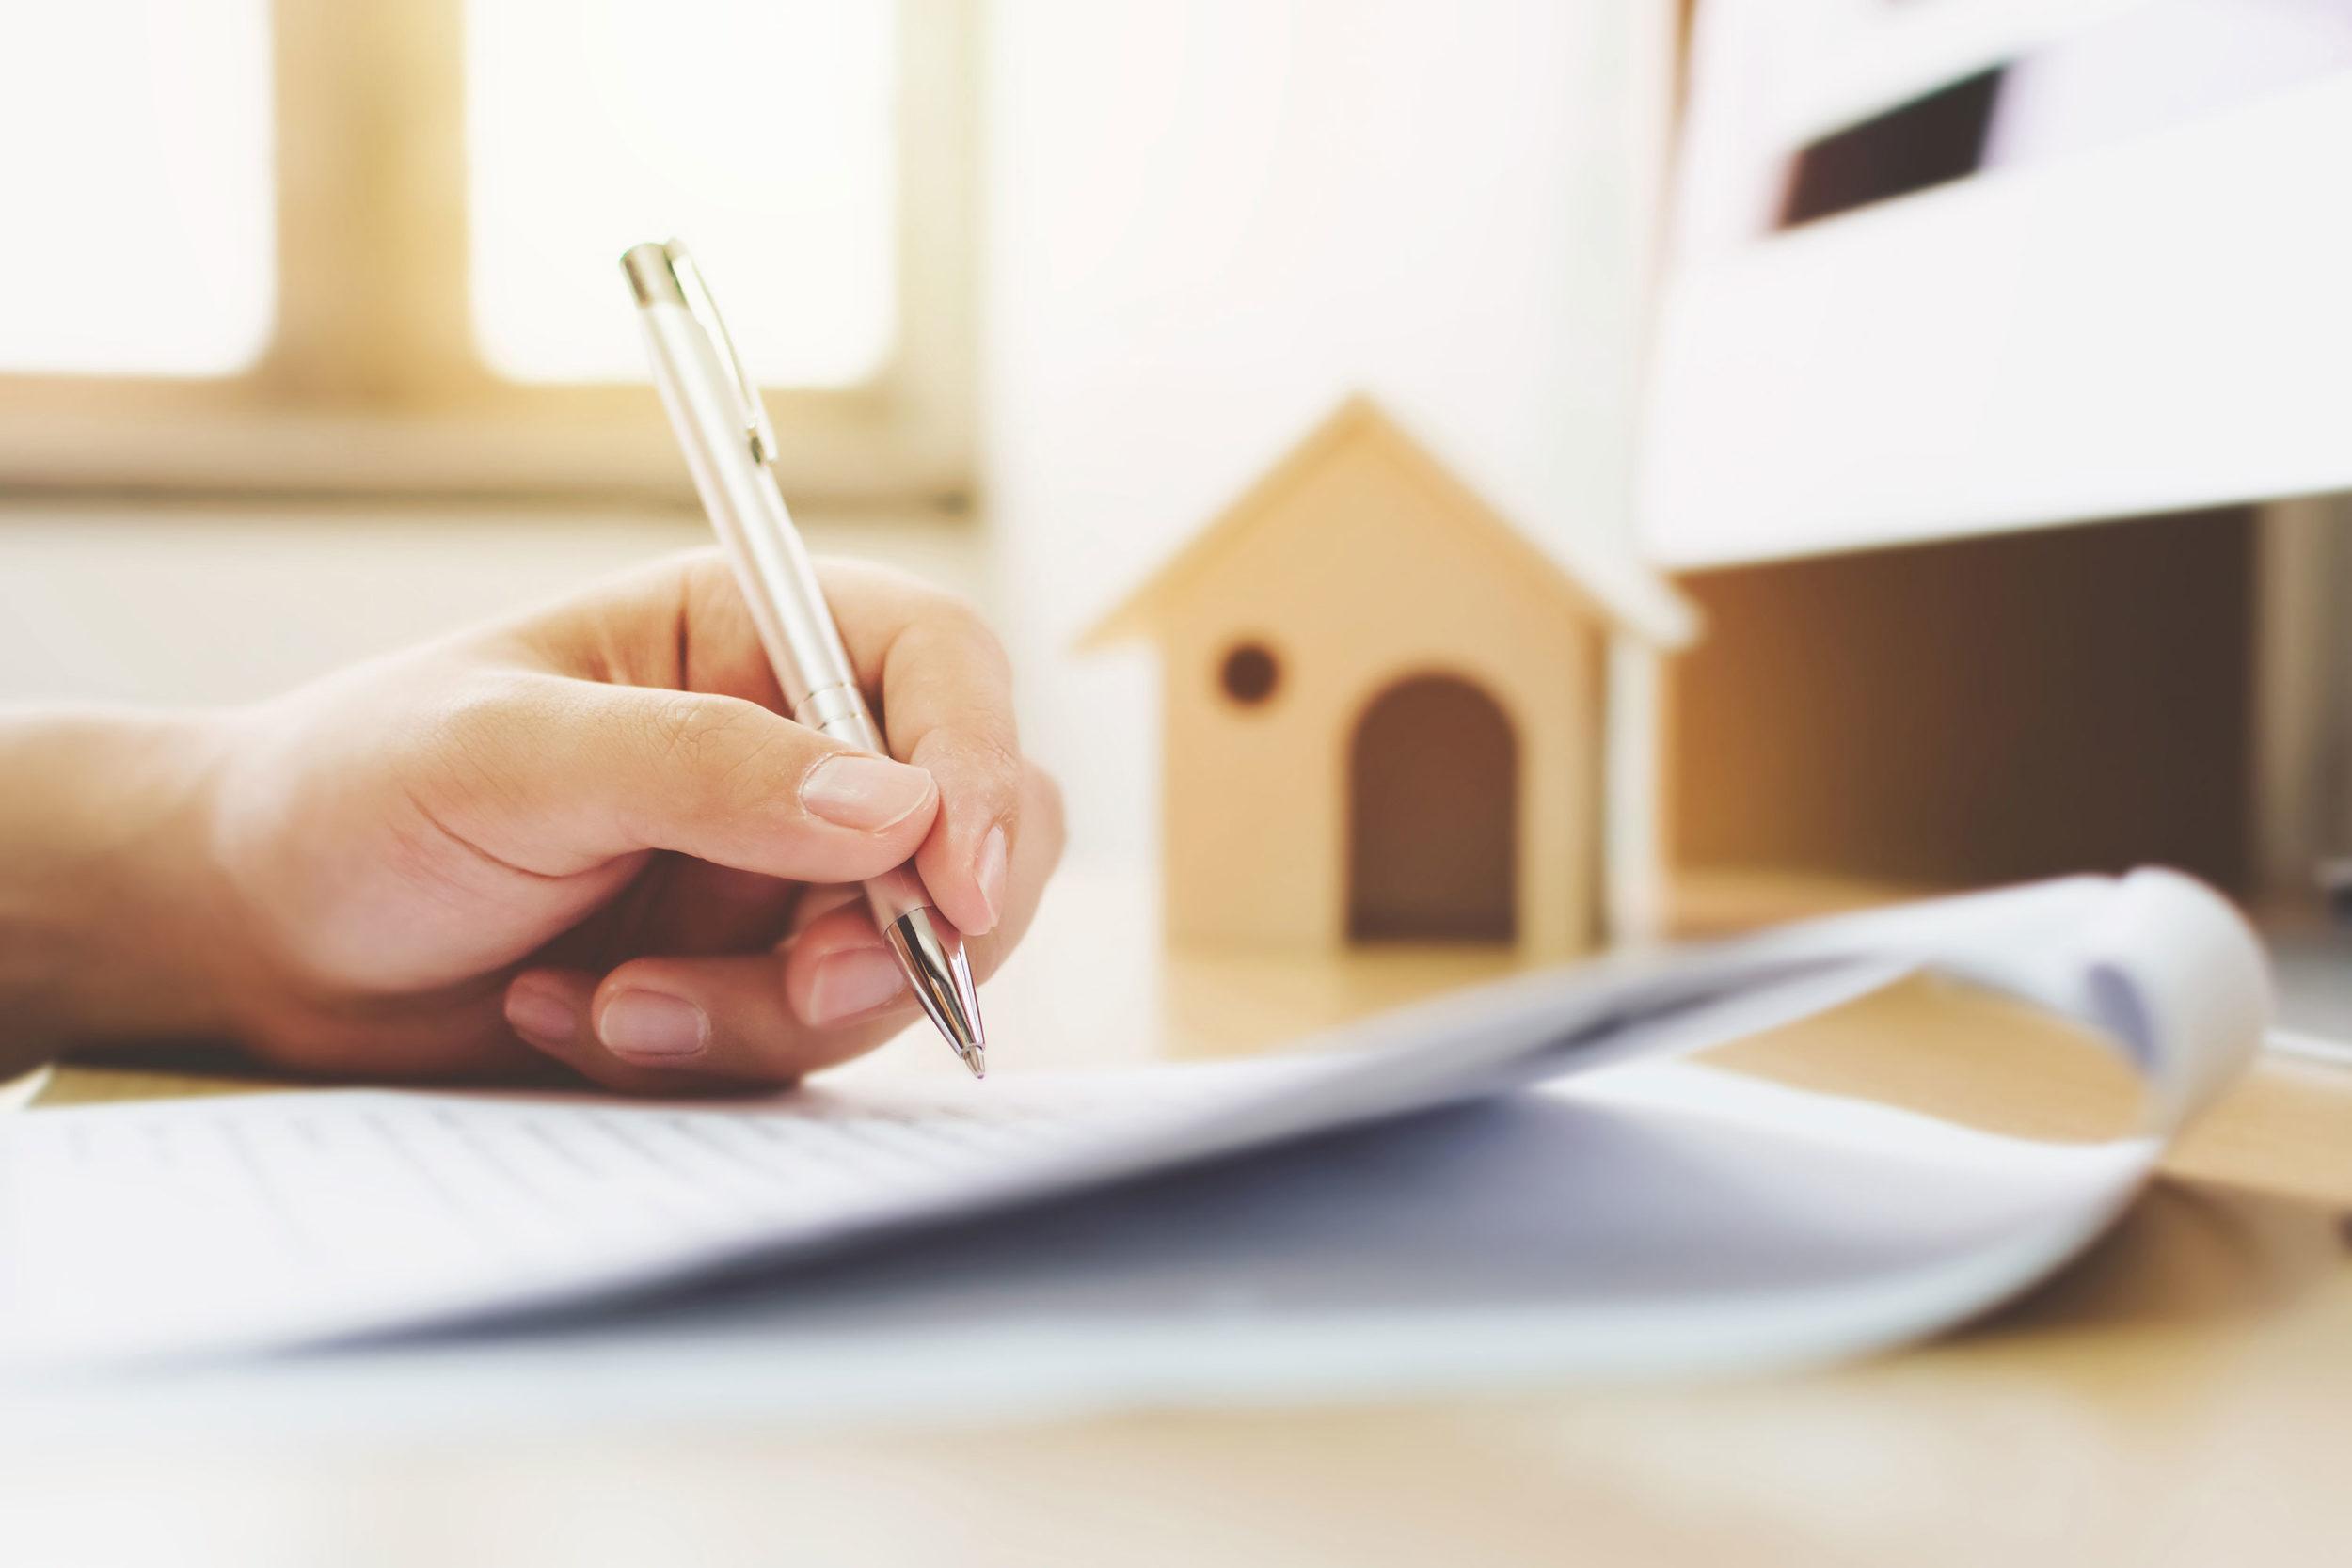 Moodbild zur Eigentumsverwaltung von Immobilien